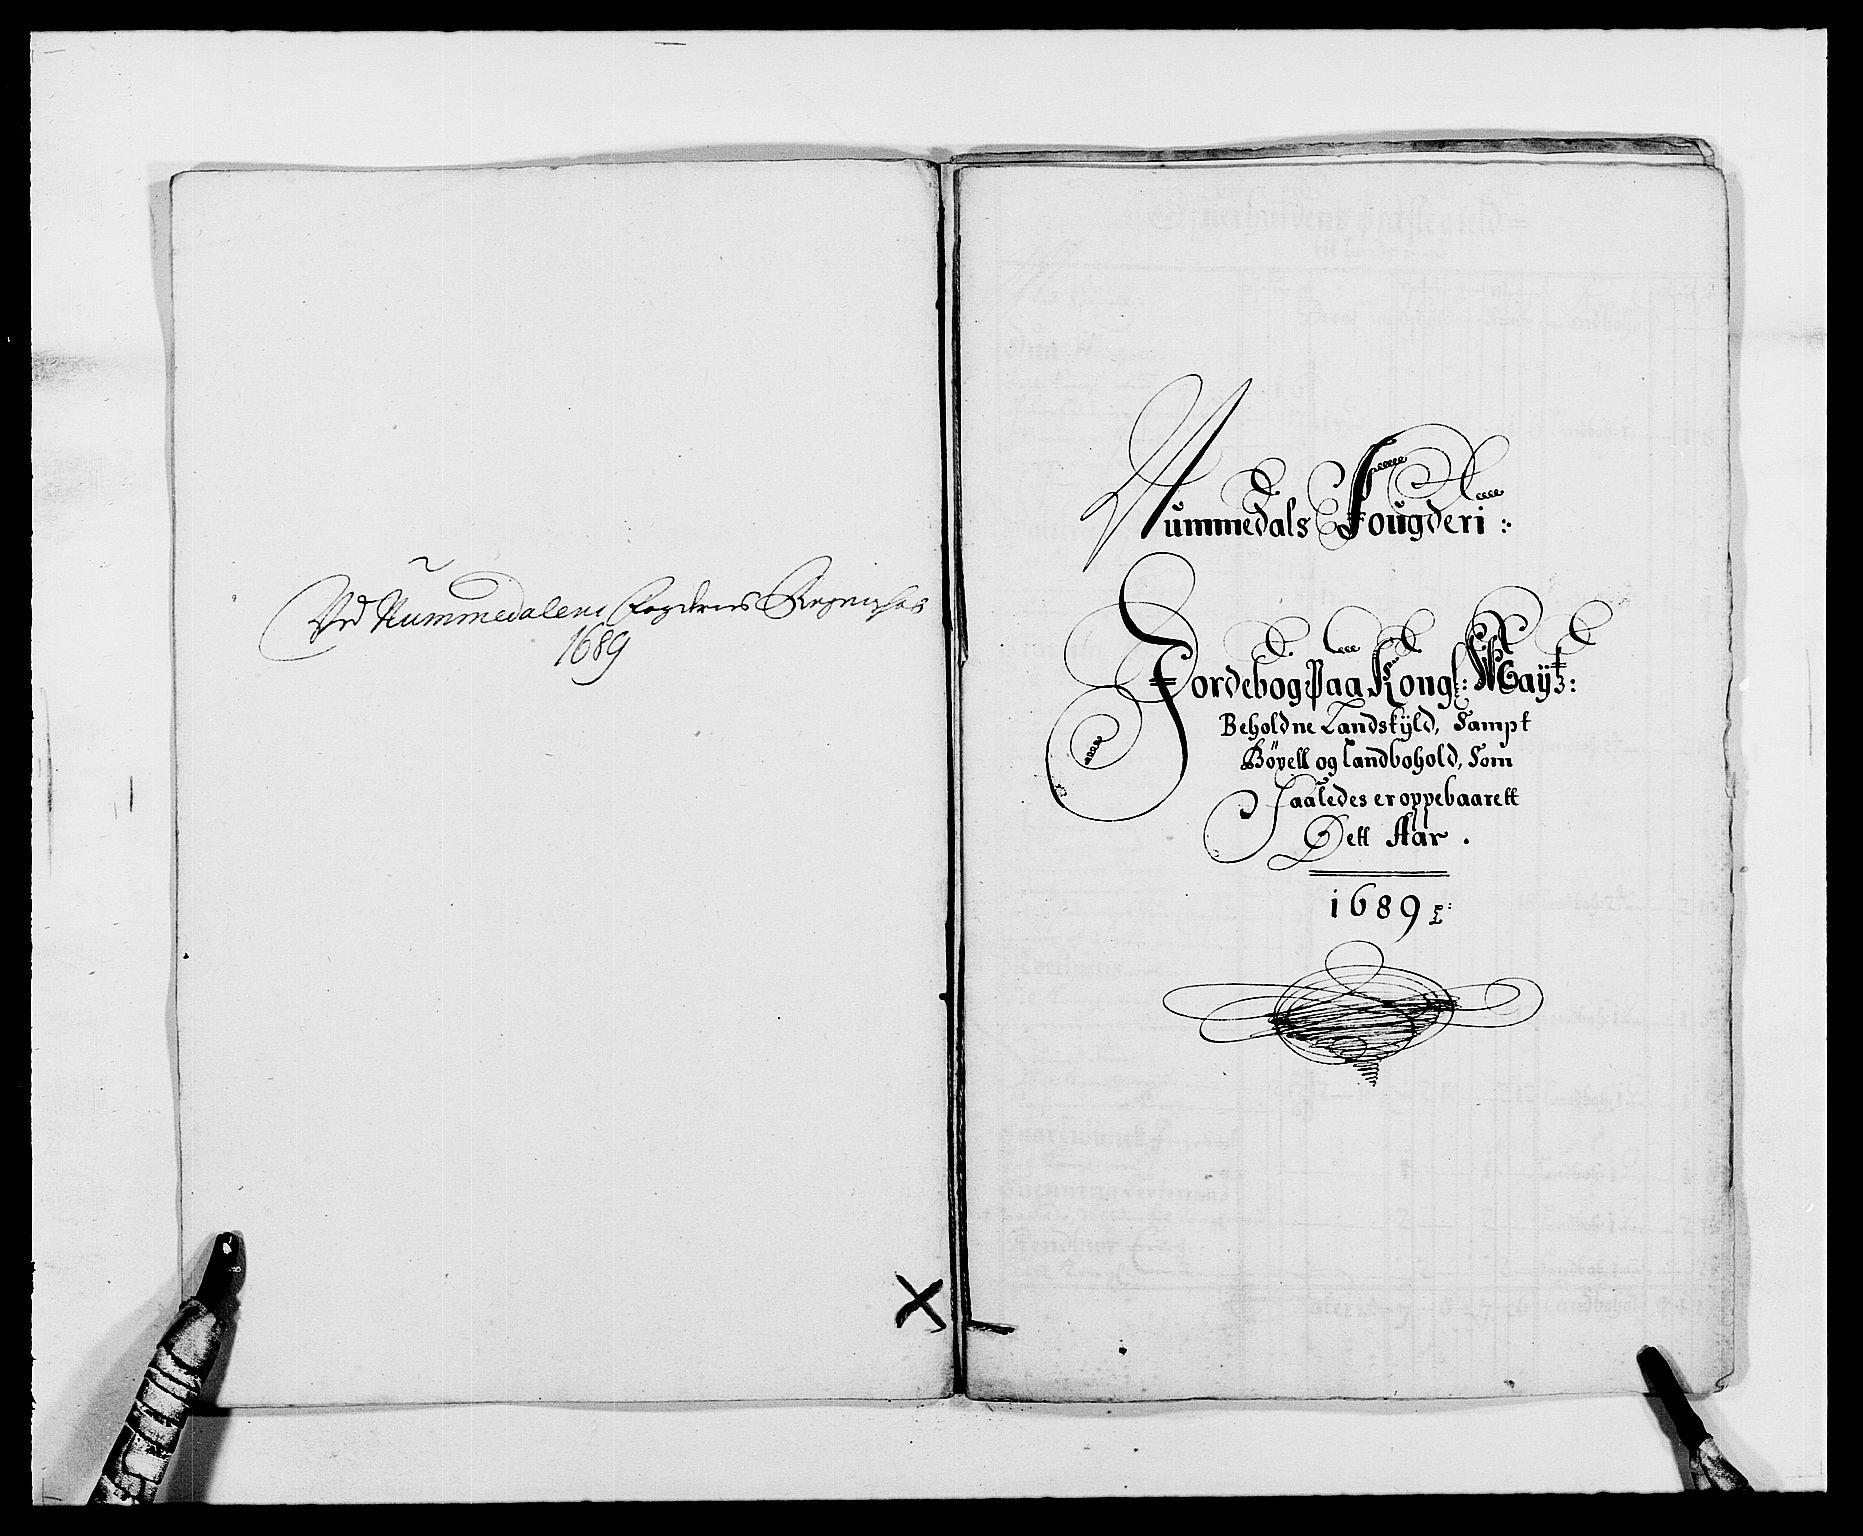 RA, Rentekammeret inntil 1814, Reviderte regnskaper, Fogderegnskap, R64/L4422: Fogderegnskap Namdal, 1687-1689, s. 257